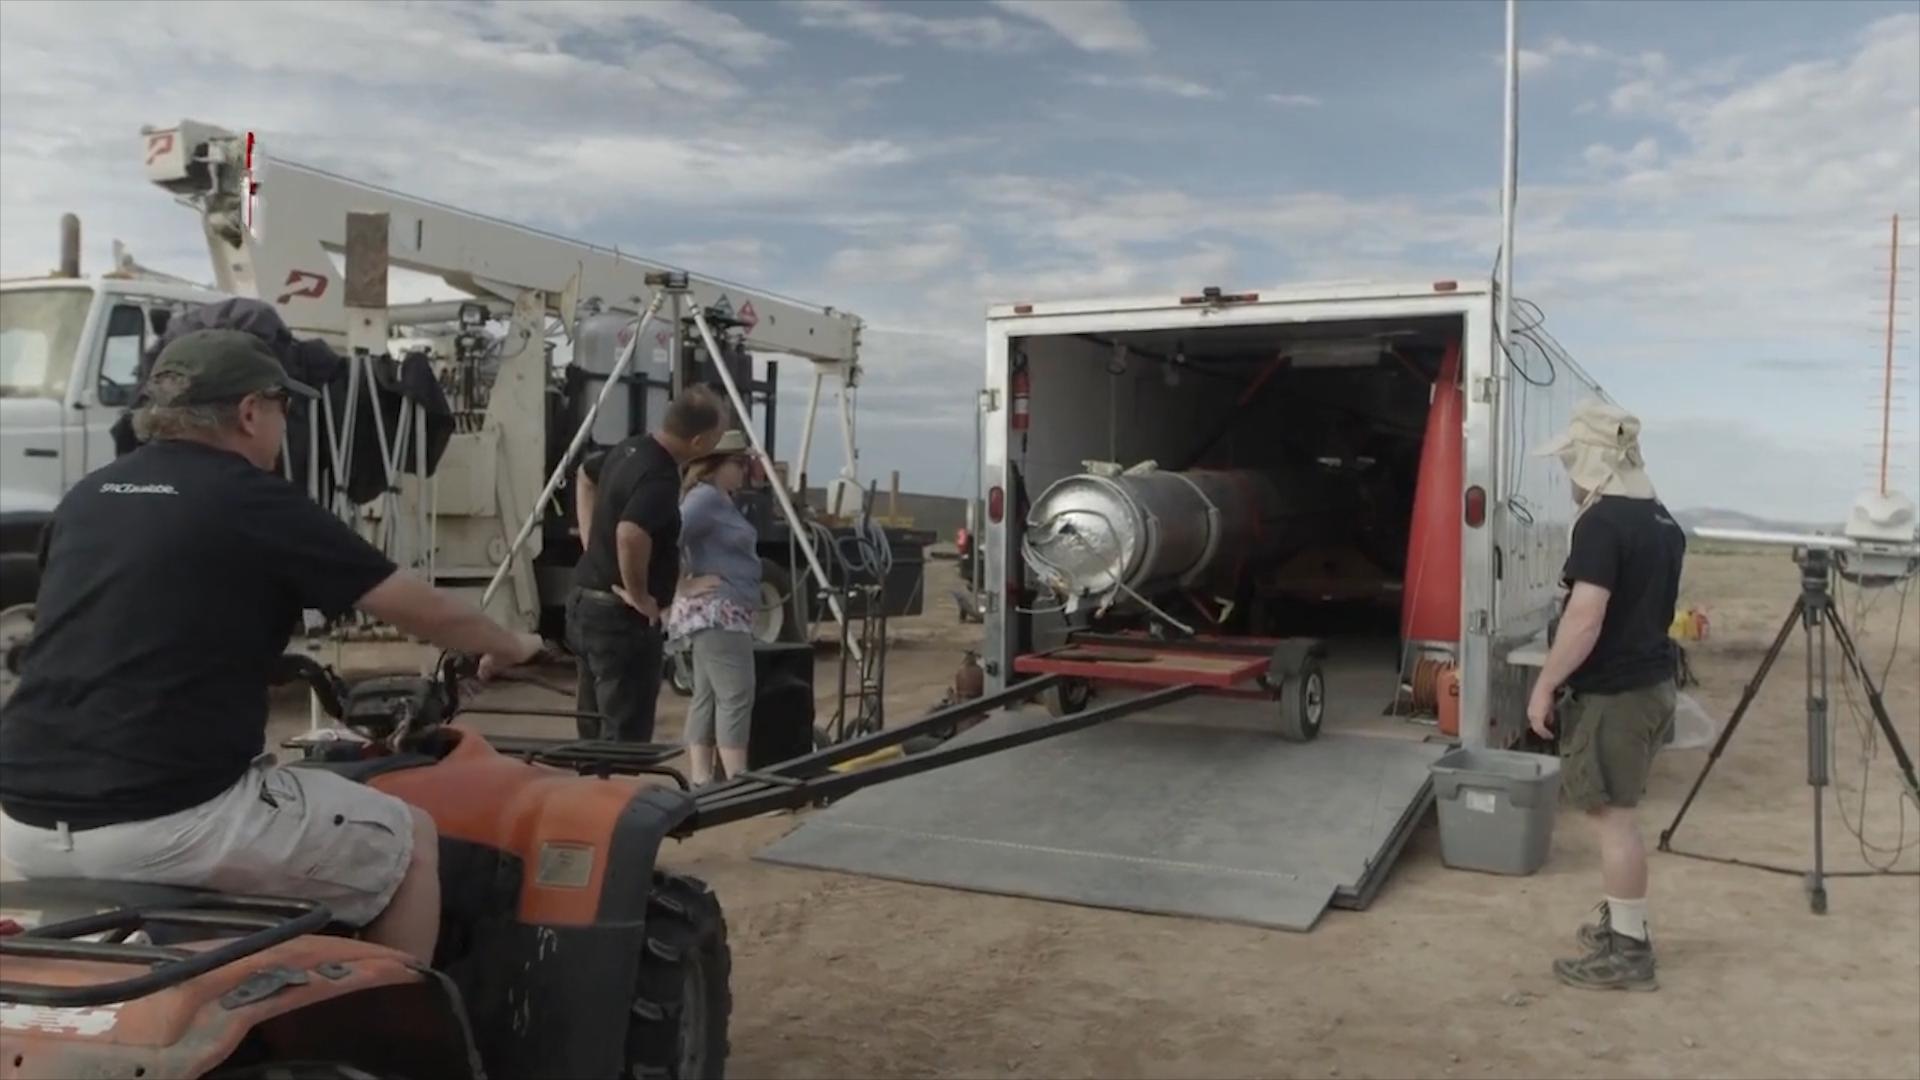 美空军想出新花招,欲用探空火箭进行高超音速试验!